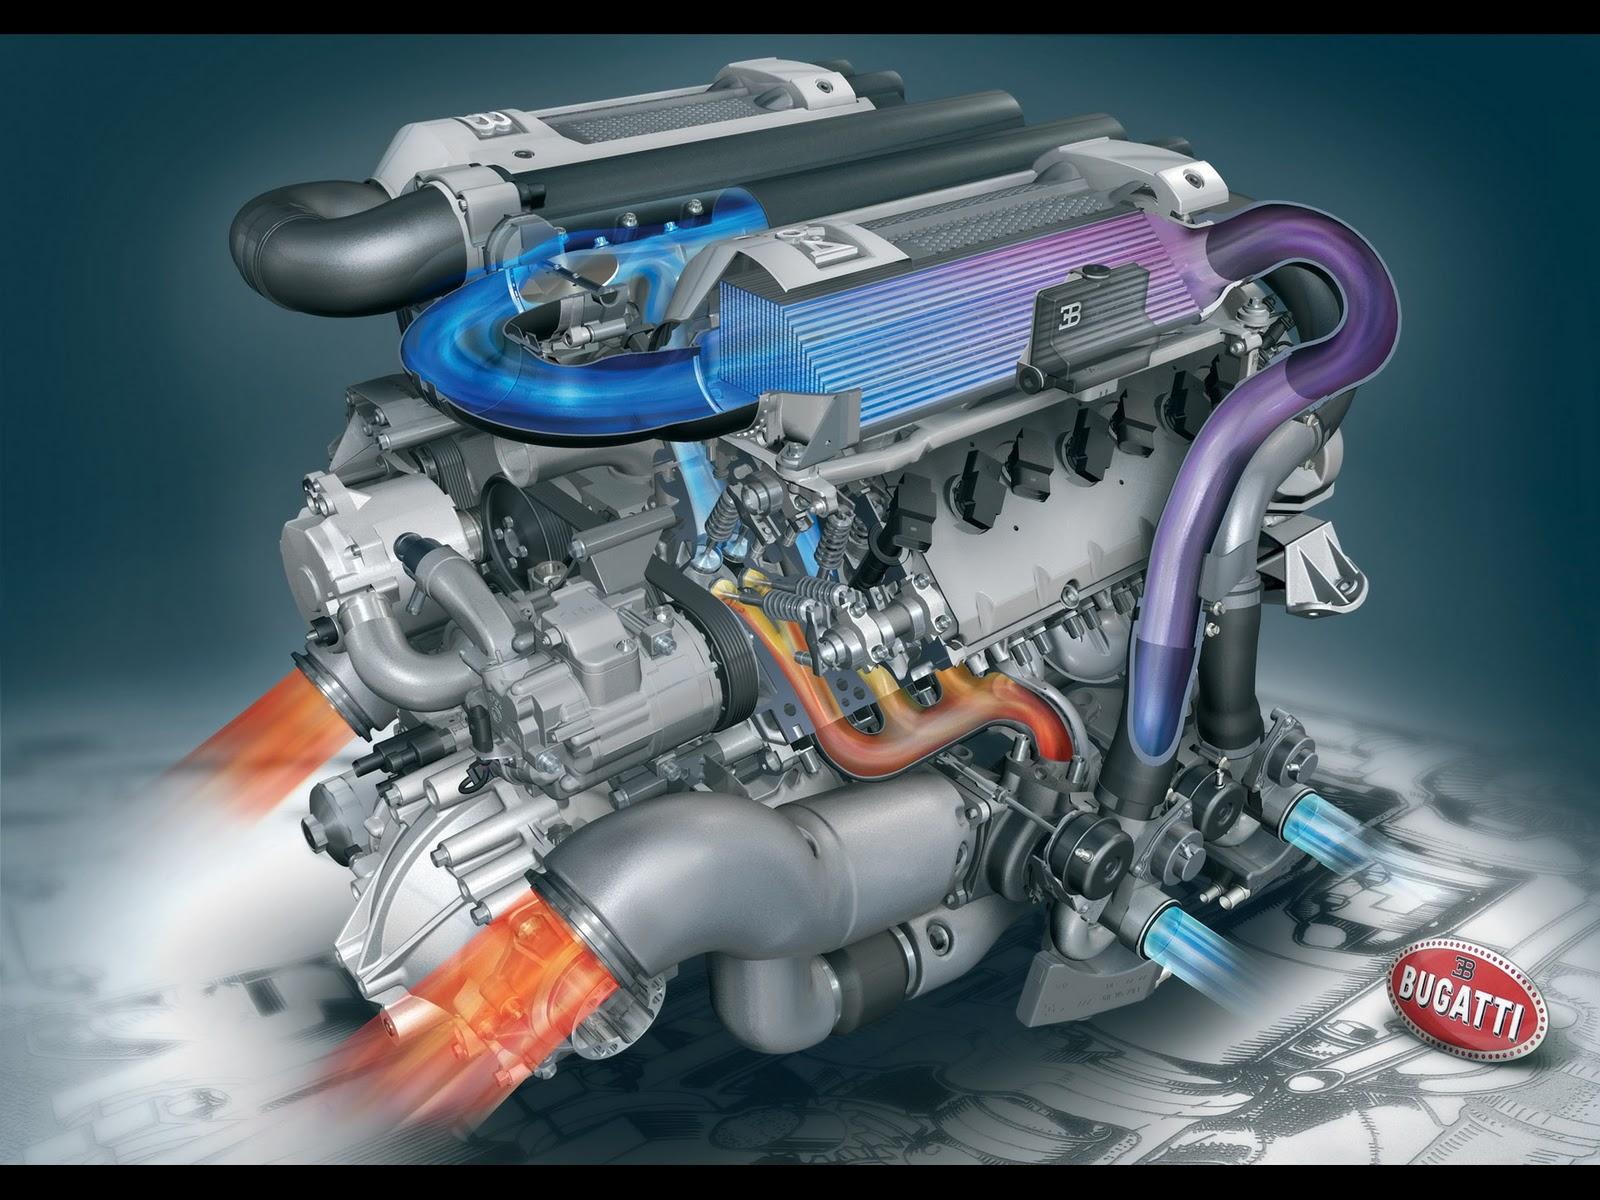 similiar bugatti veyron engine diagram keywords w12 engine further audi r8 v1 0 engine further volkswagen w8 engine